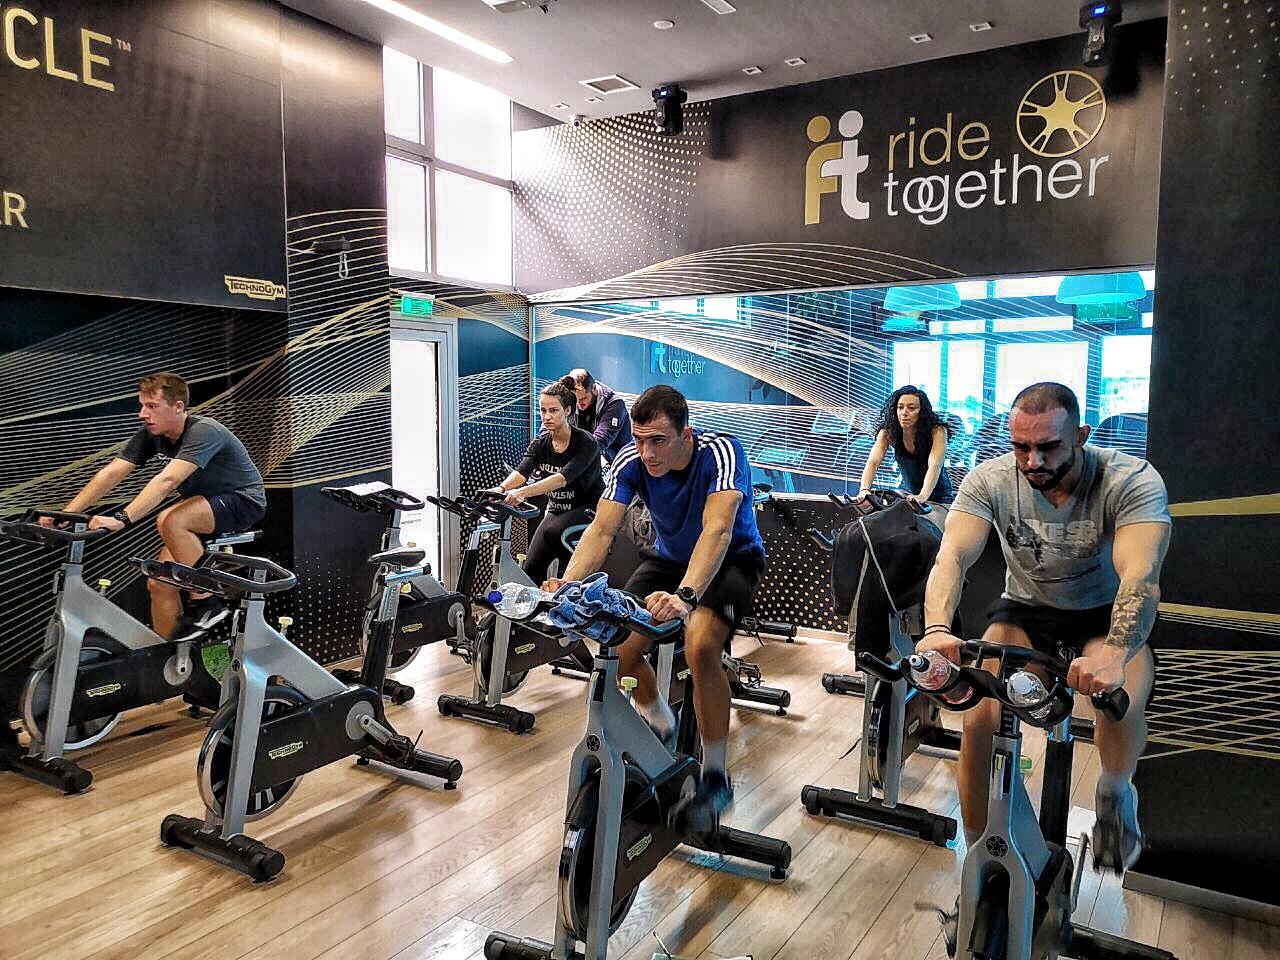 Εκπαίδευση Cardio Cycling